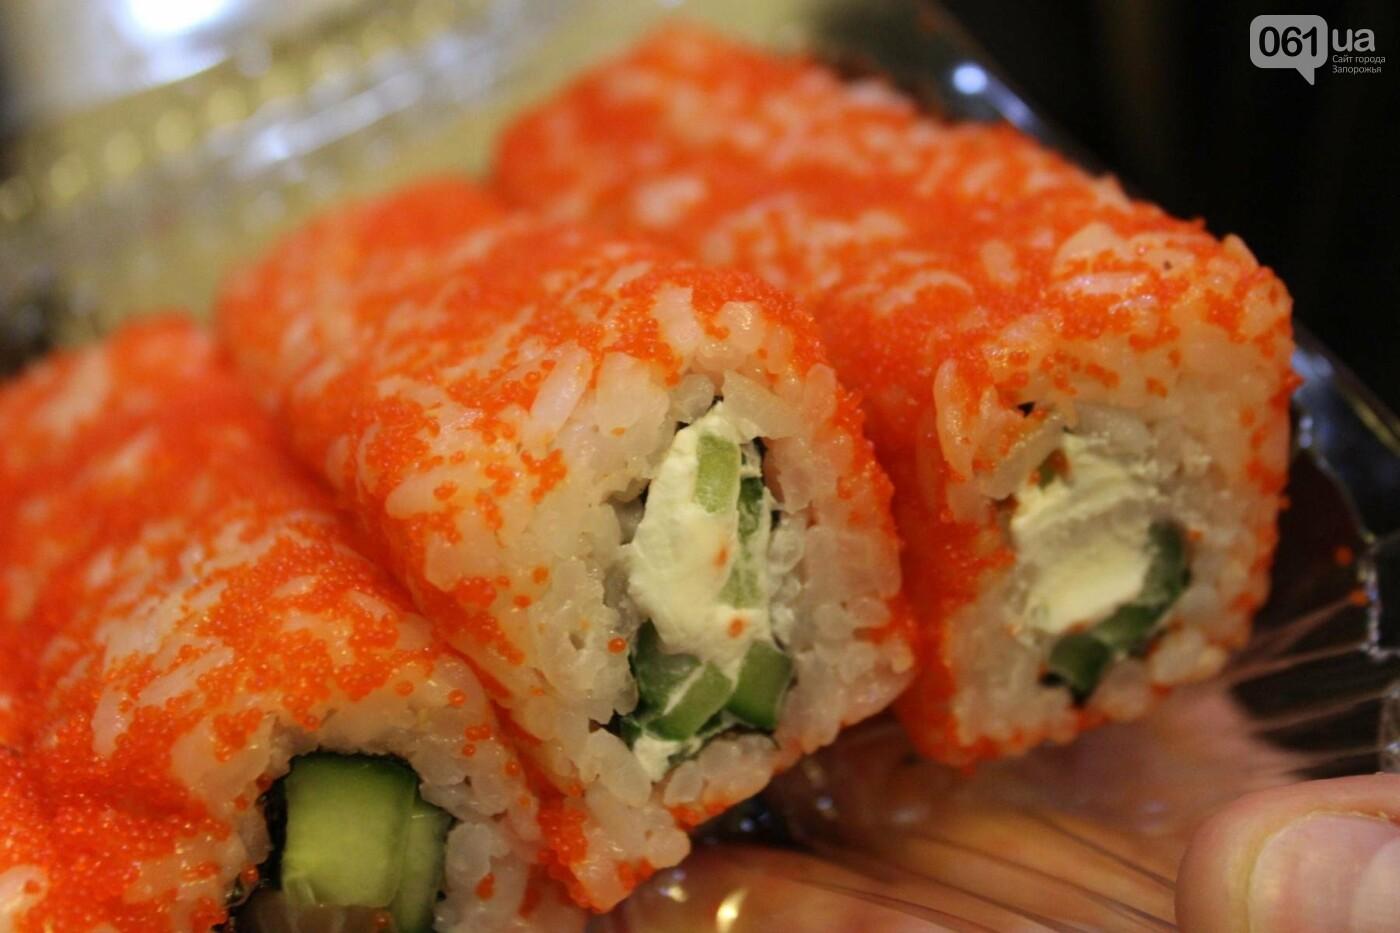 Тест-драйв доставки суши в Запорожье: 24rolls , фото-14